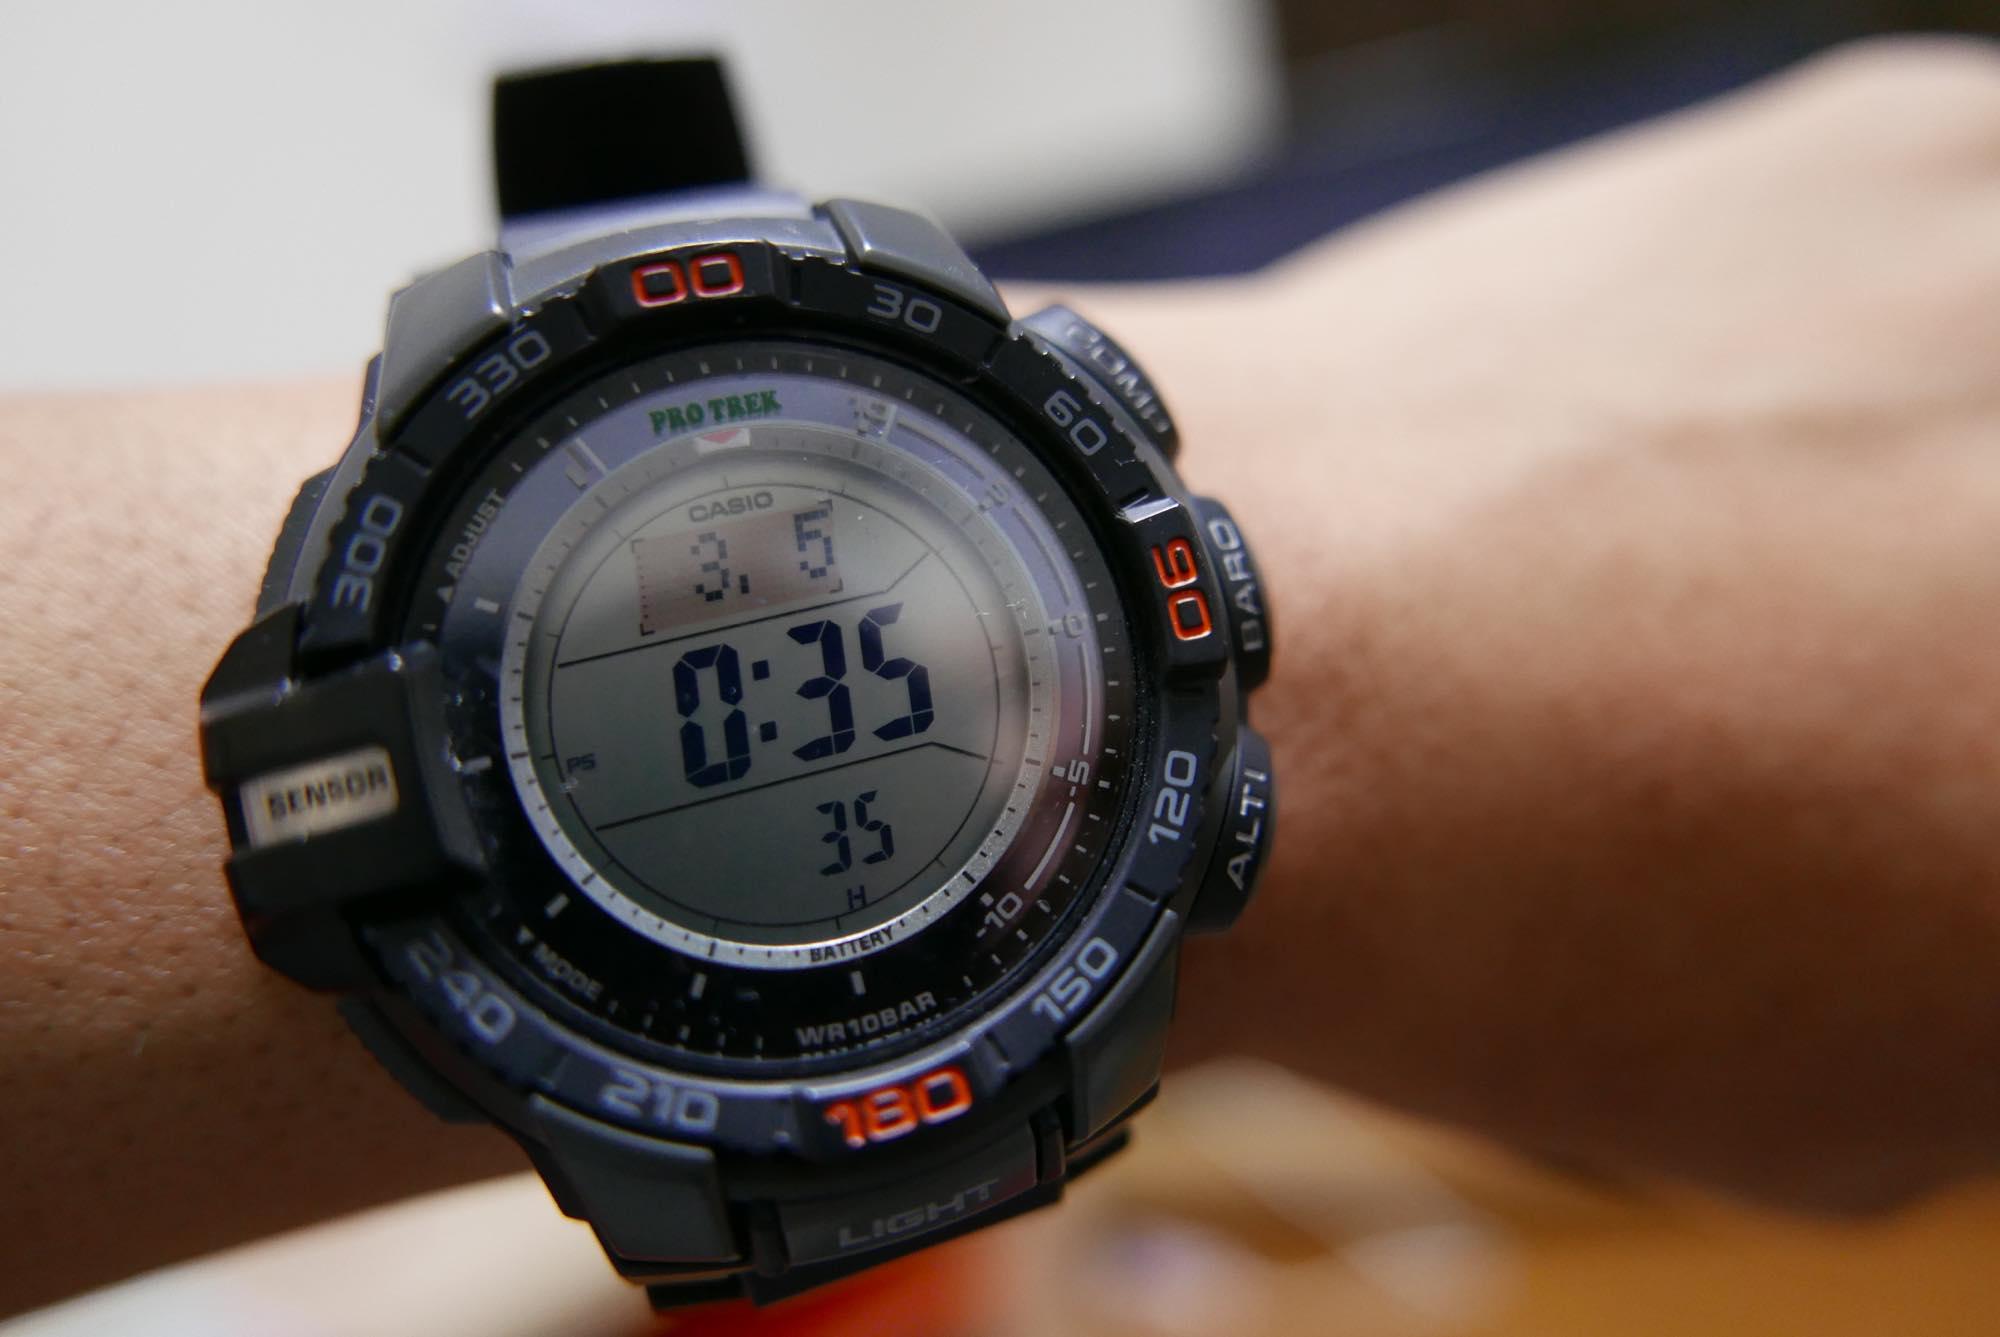 登山にもバックパック旅行にも最適!最強の腕時計PROTREK。